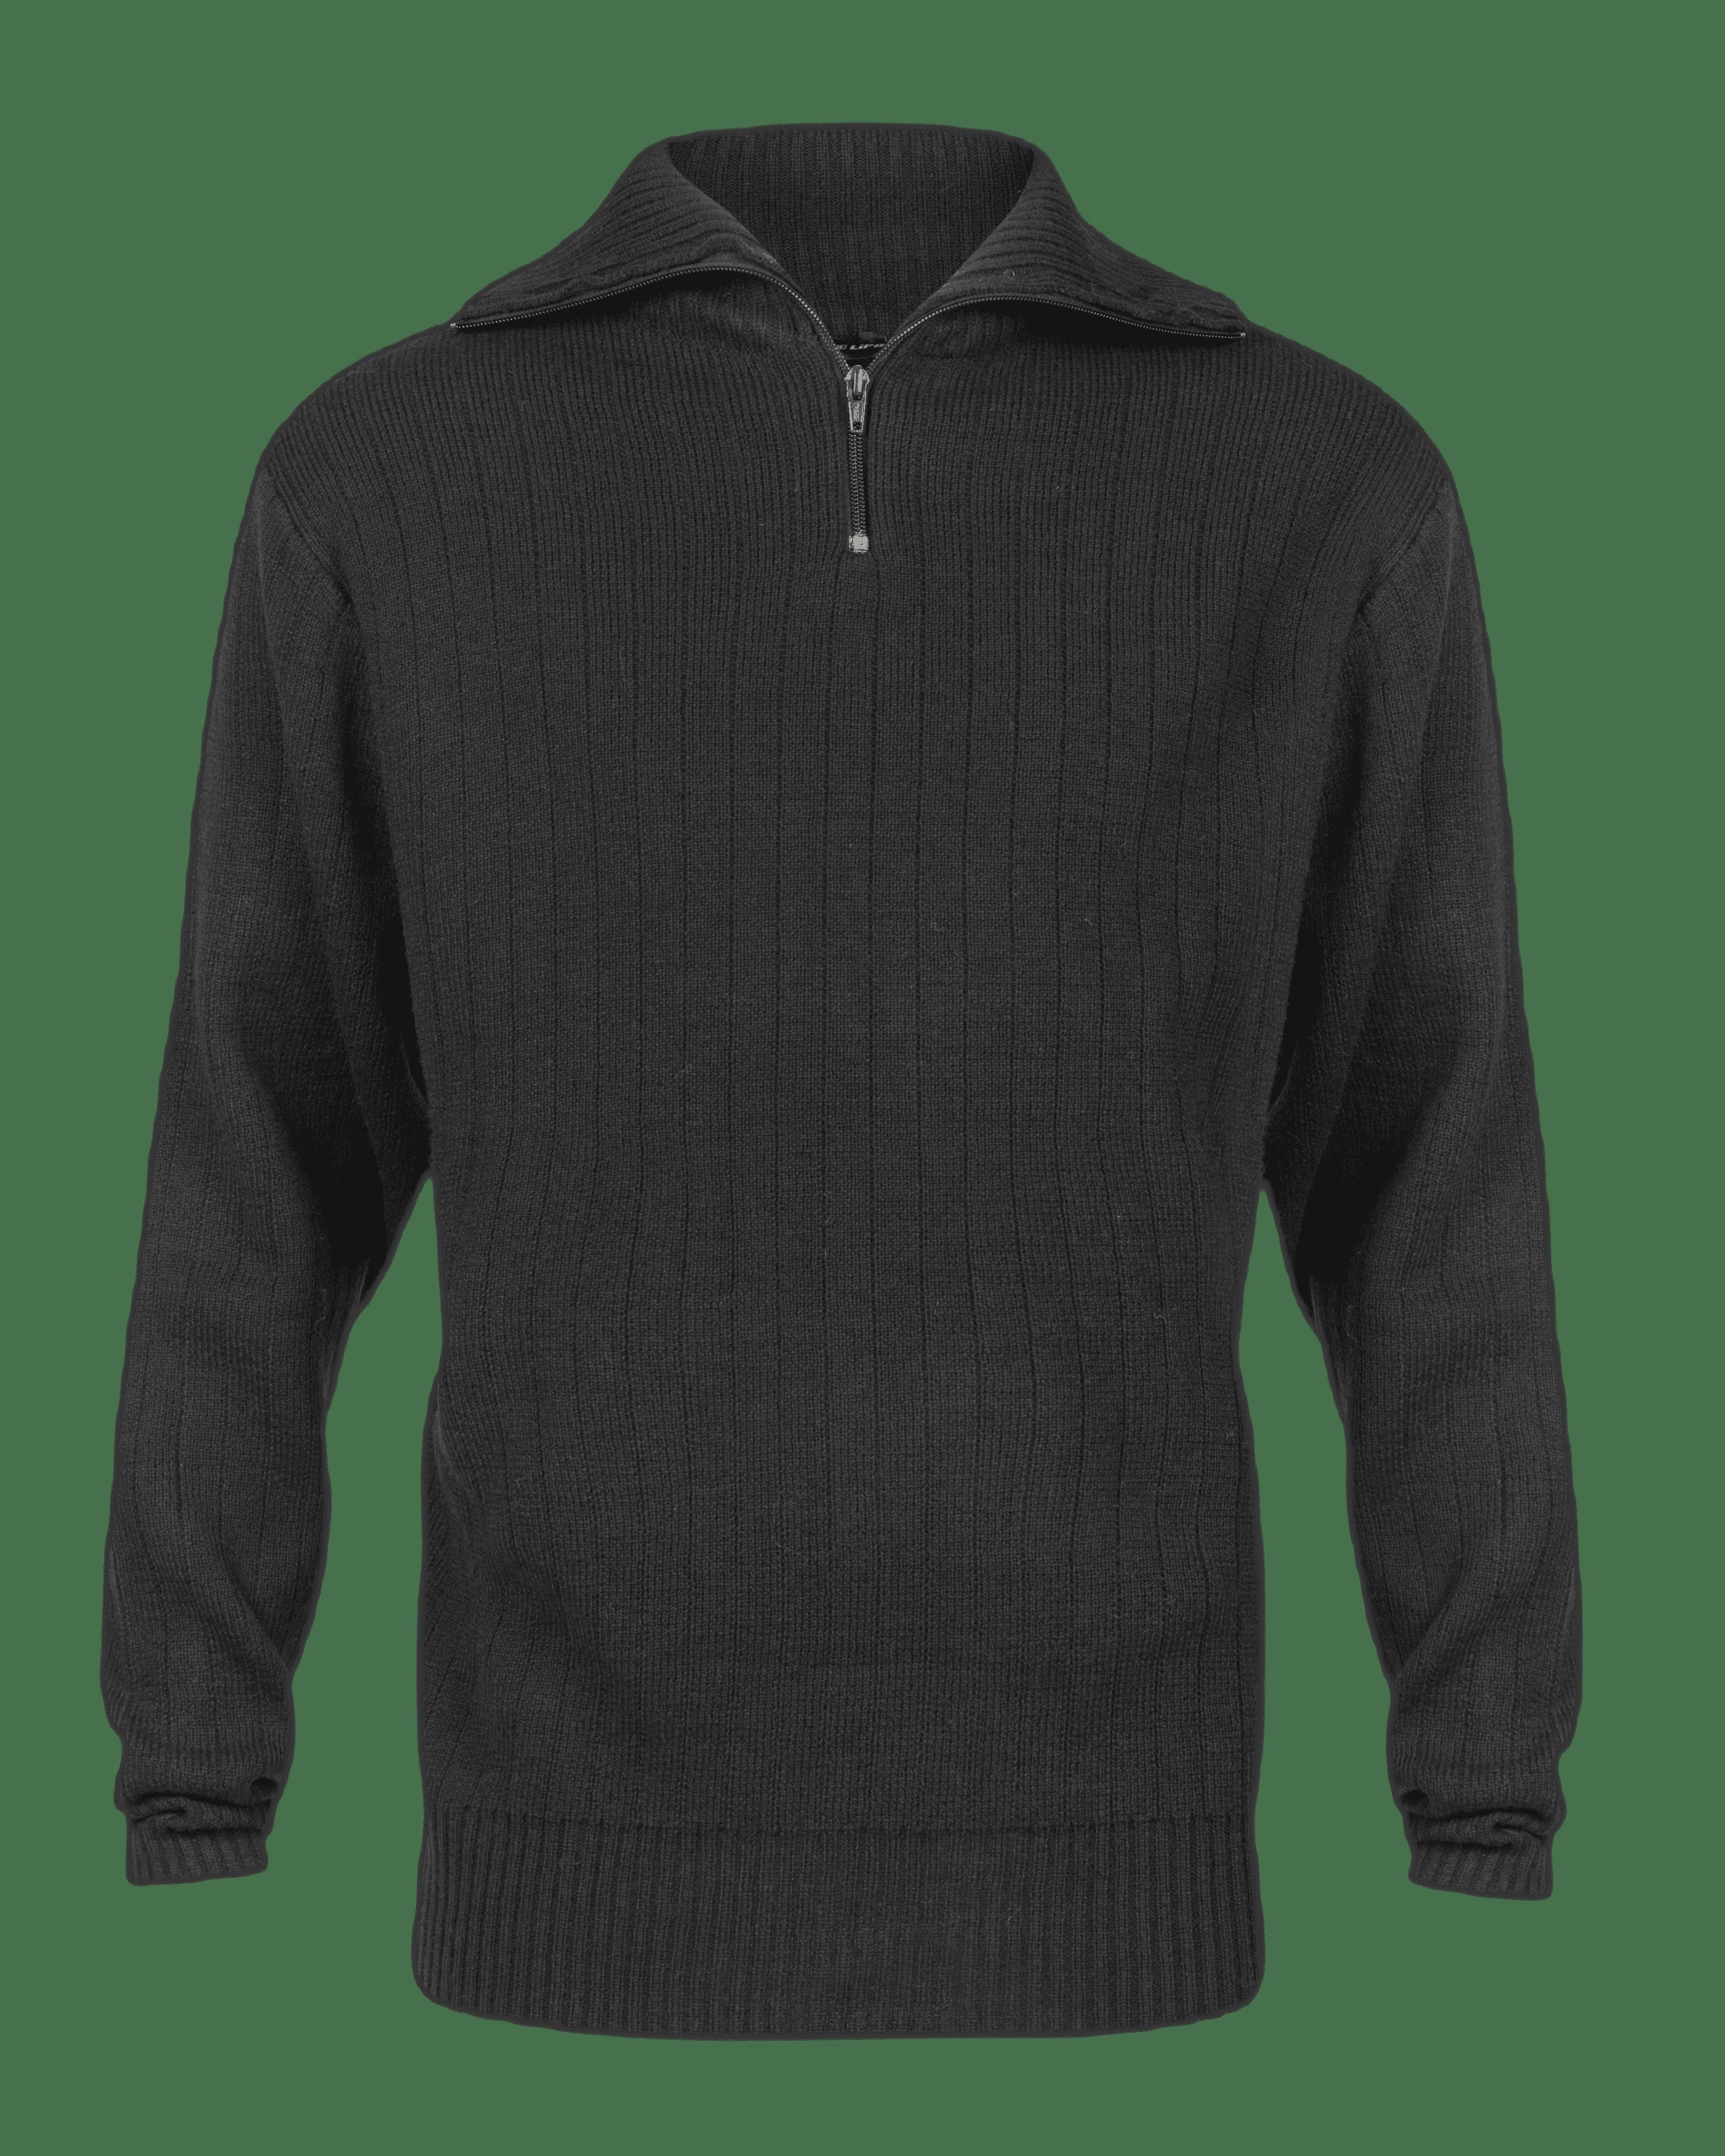 Pl kotterstrui sweater